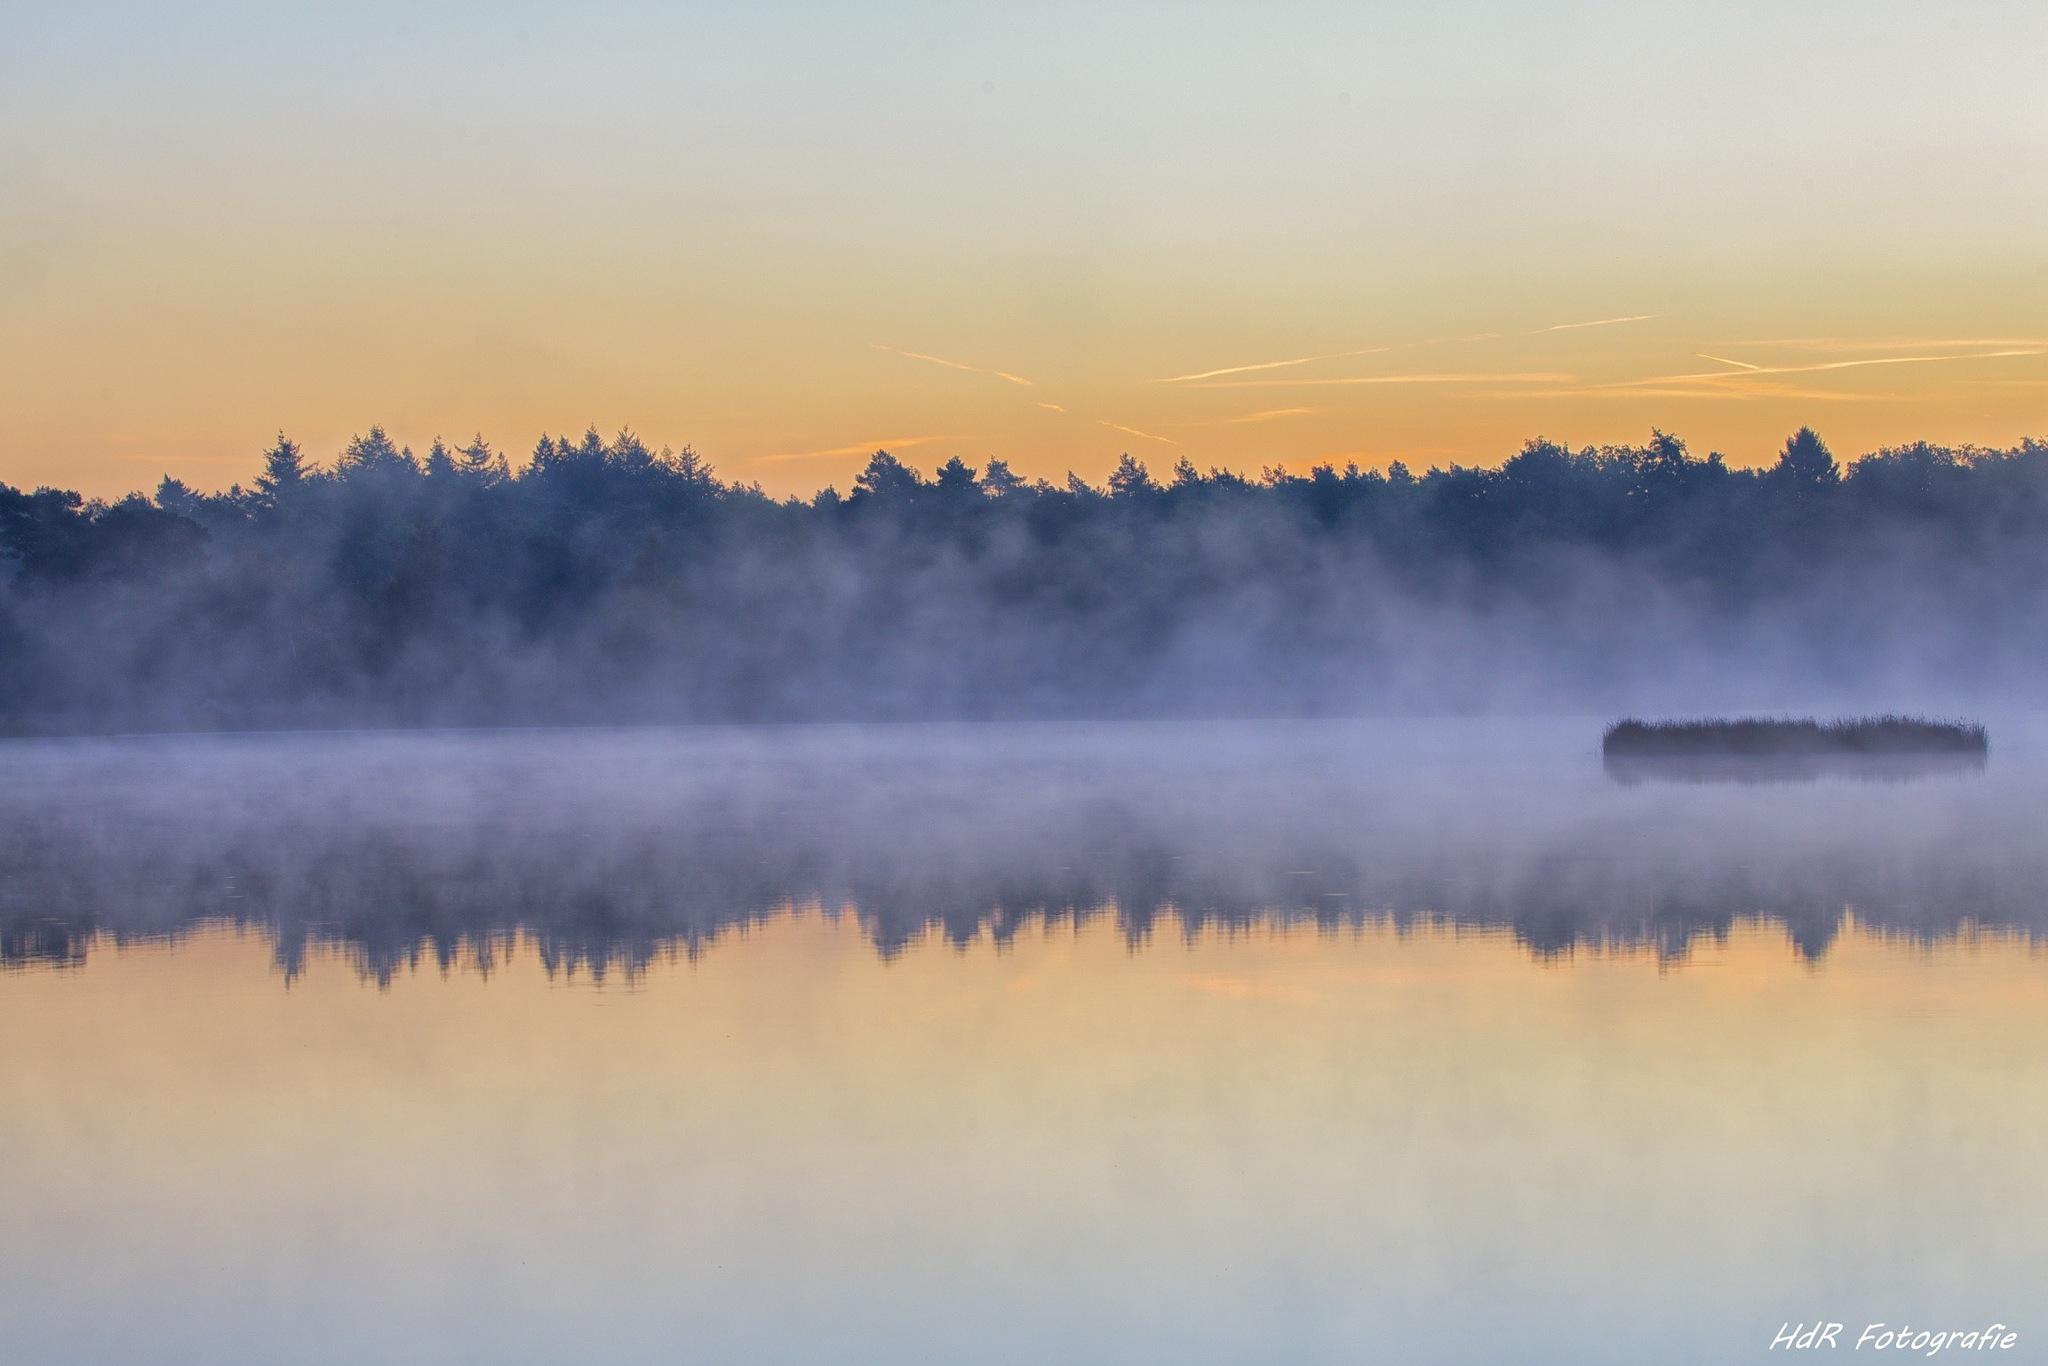 Foggy Morning by Herman de Raaf